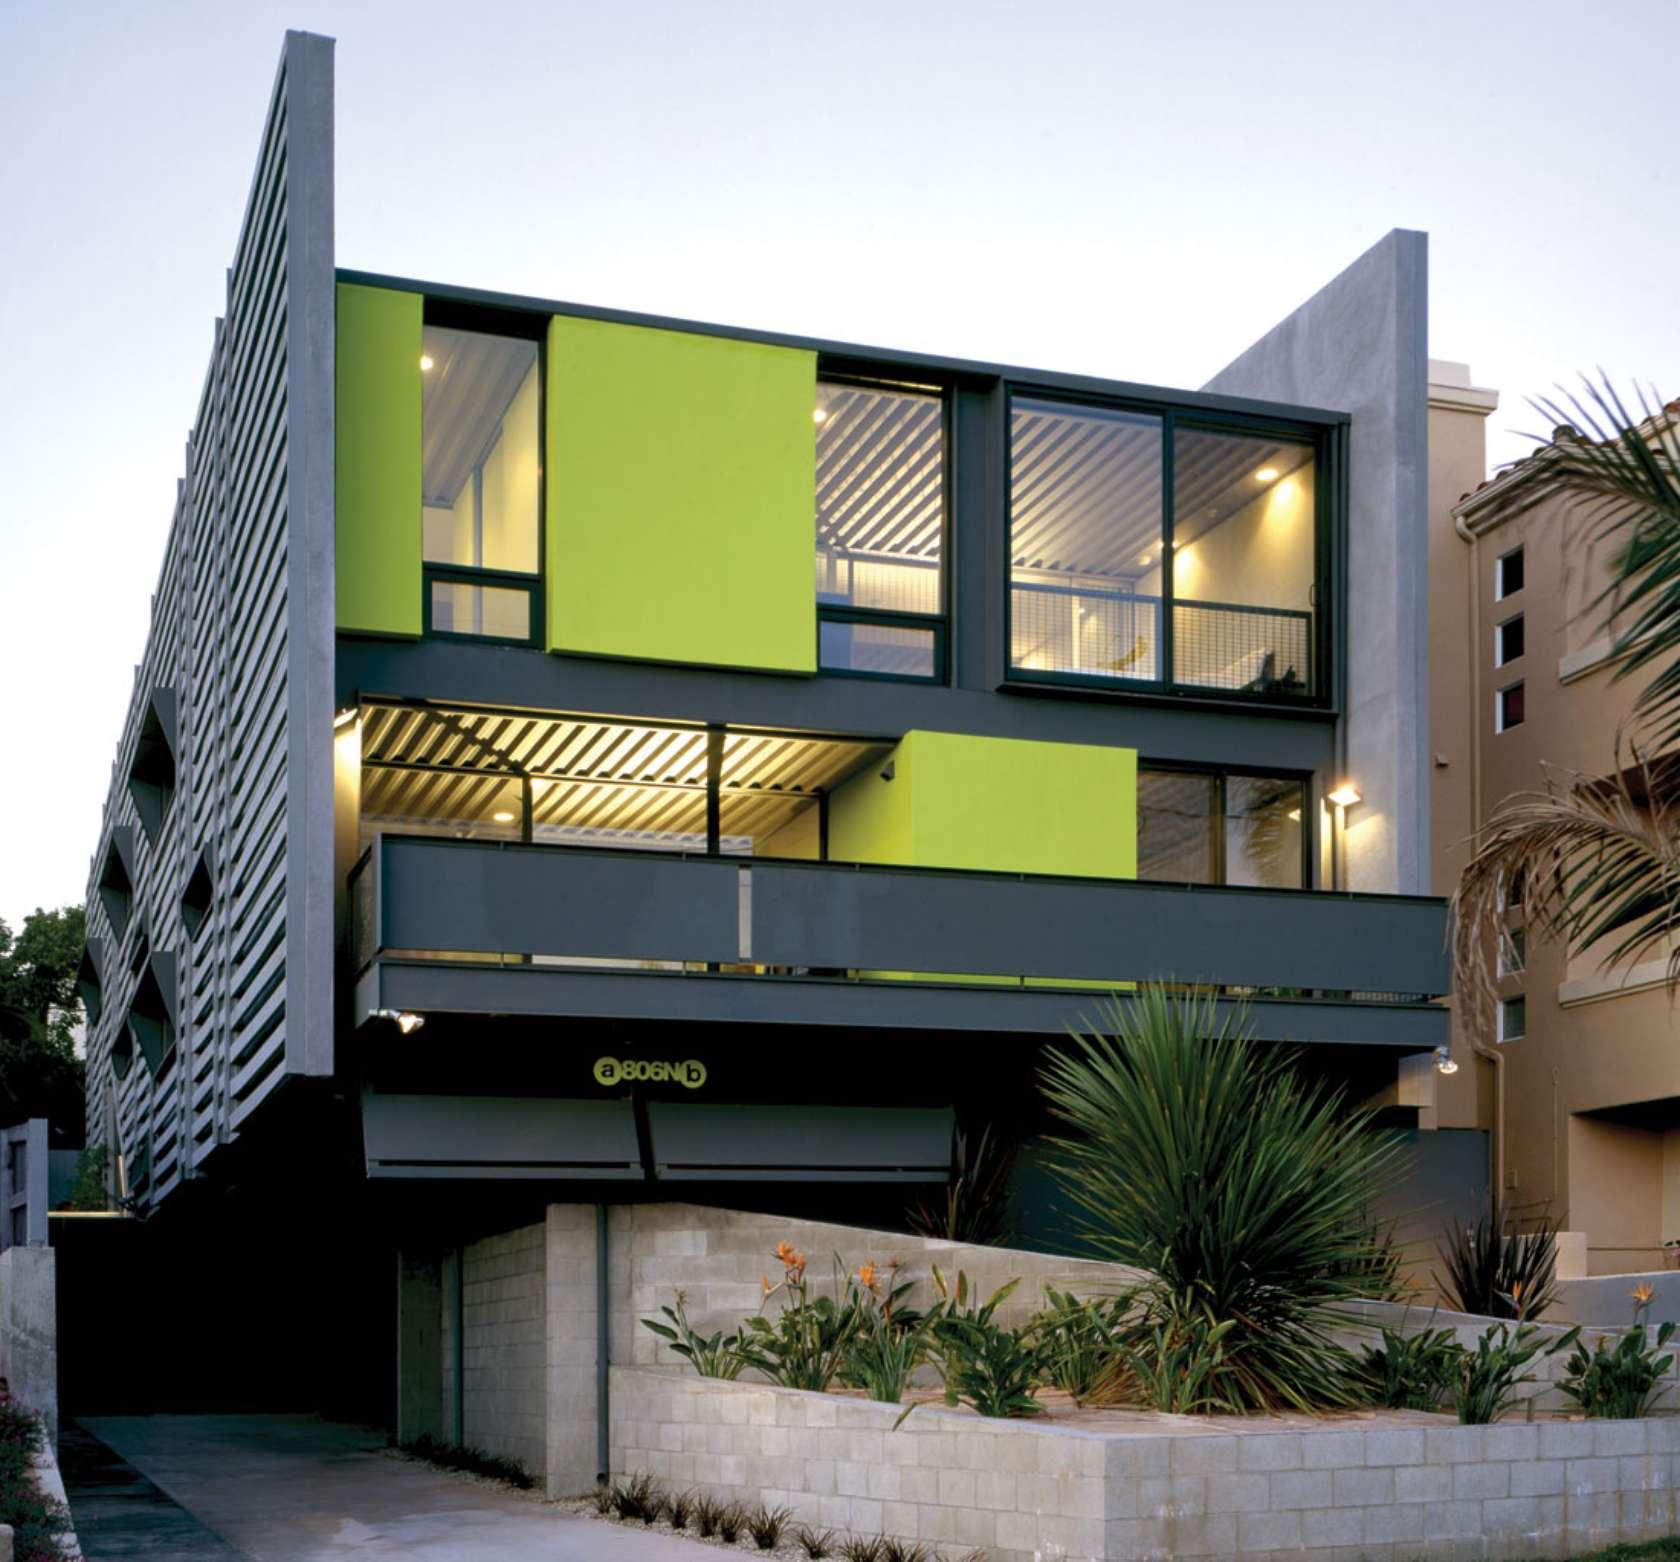 Jones partners architecture architizer for Jones architecture